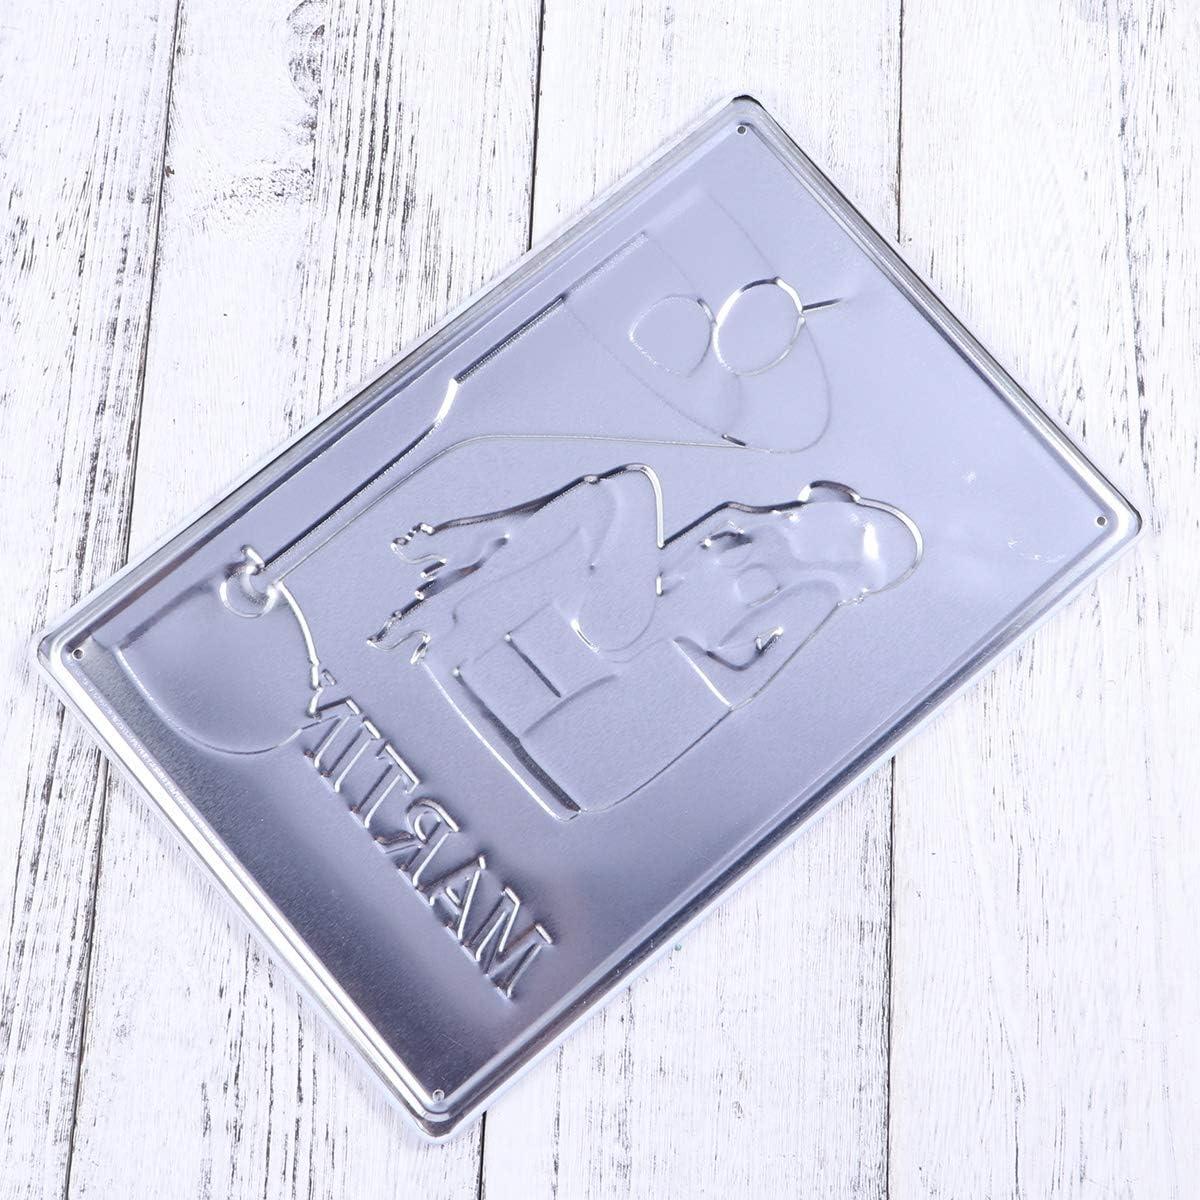 LIOOBO Targa depoca retr/ò Decorazione murale per bar Cucina da pub Casa Targa in metallo vintage Targhe in metallo Quadro Plaque MARTINI